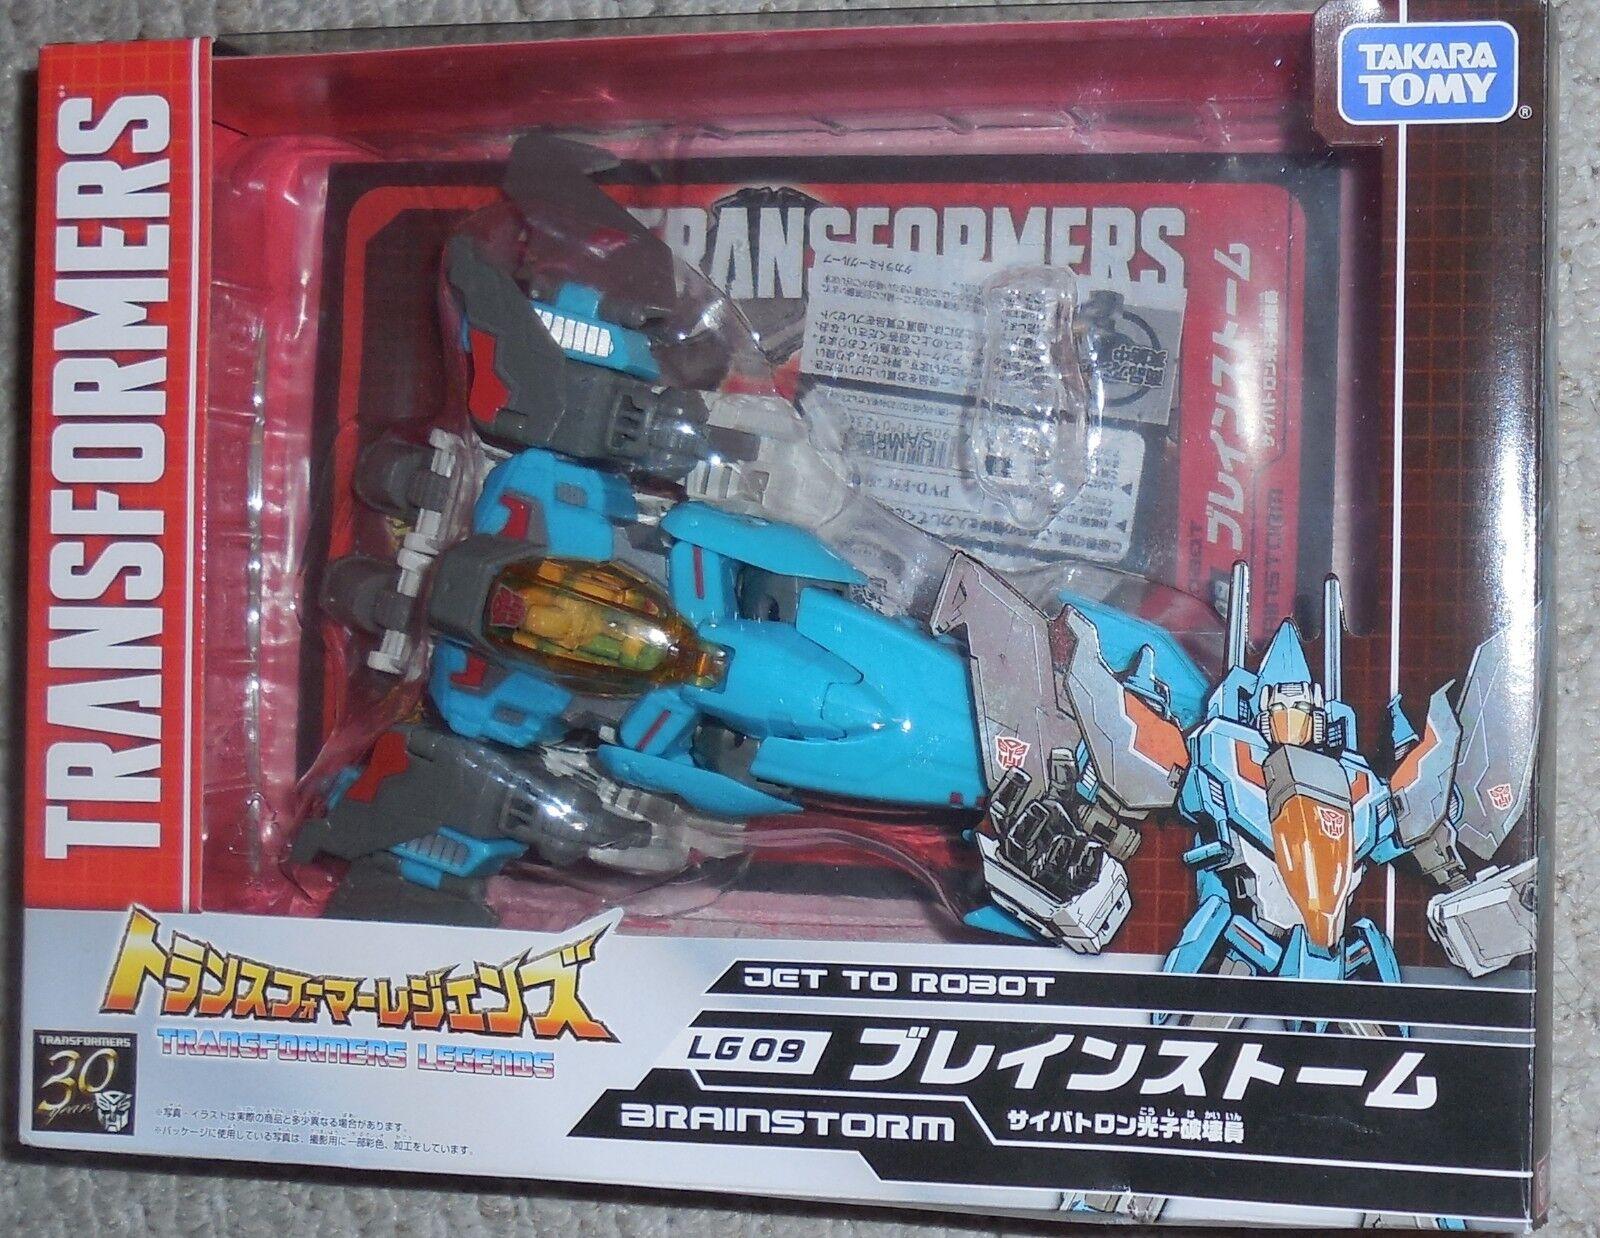 ventas en linea Takara Transformers Leyenda Titanes Retorno LG-09 Brainstorm Completo Completo Completo con Caja  compra en línea hoy